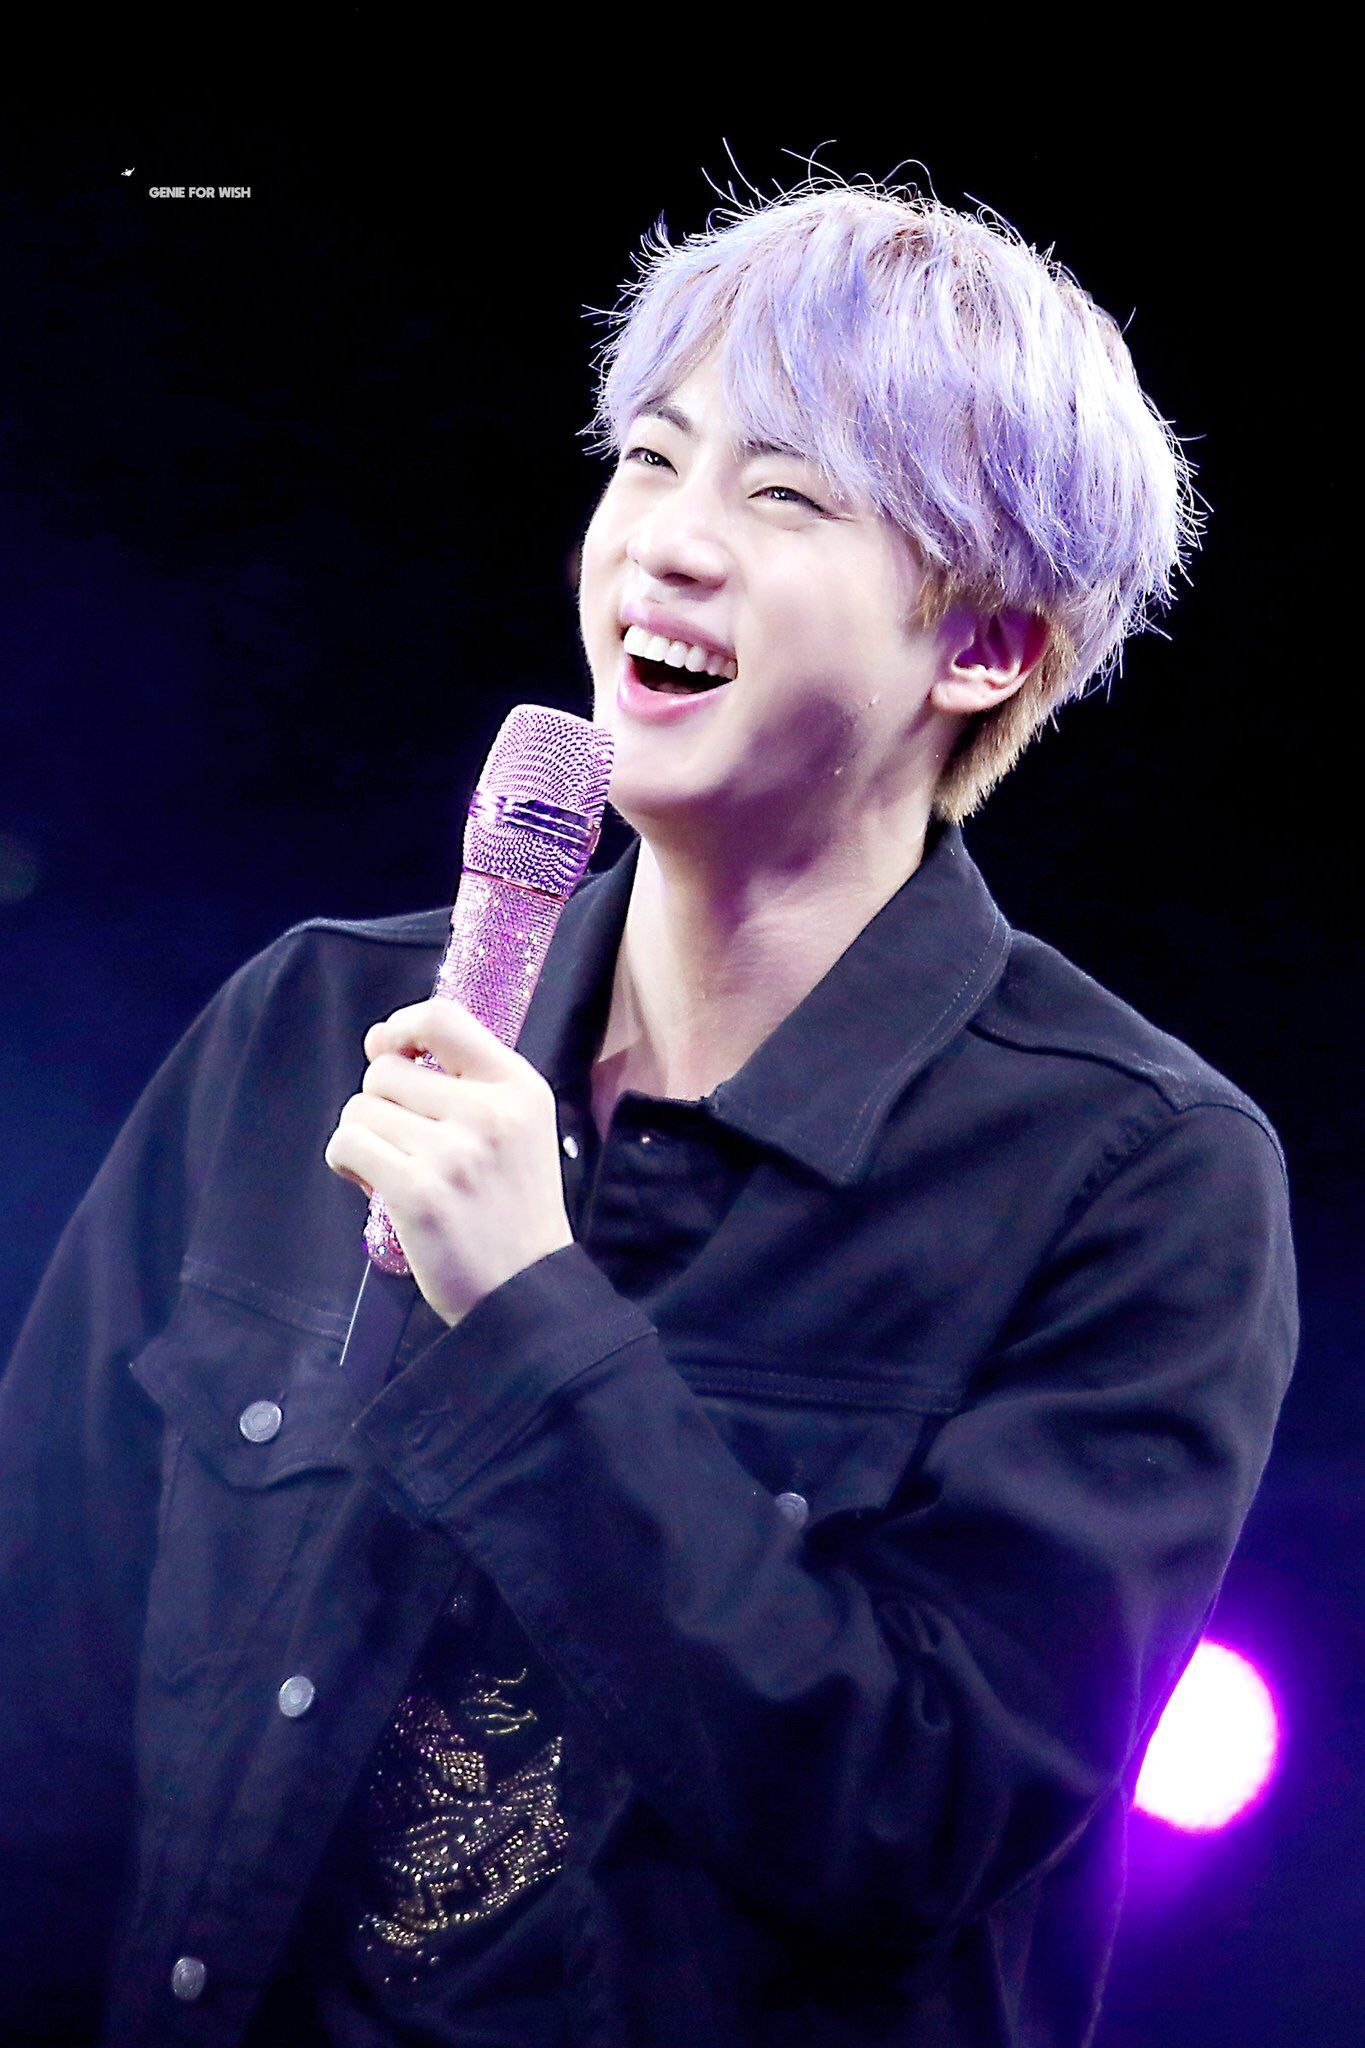 Jin Pics On Bts Jin Seokjin Worldwide Handsome